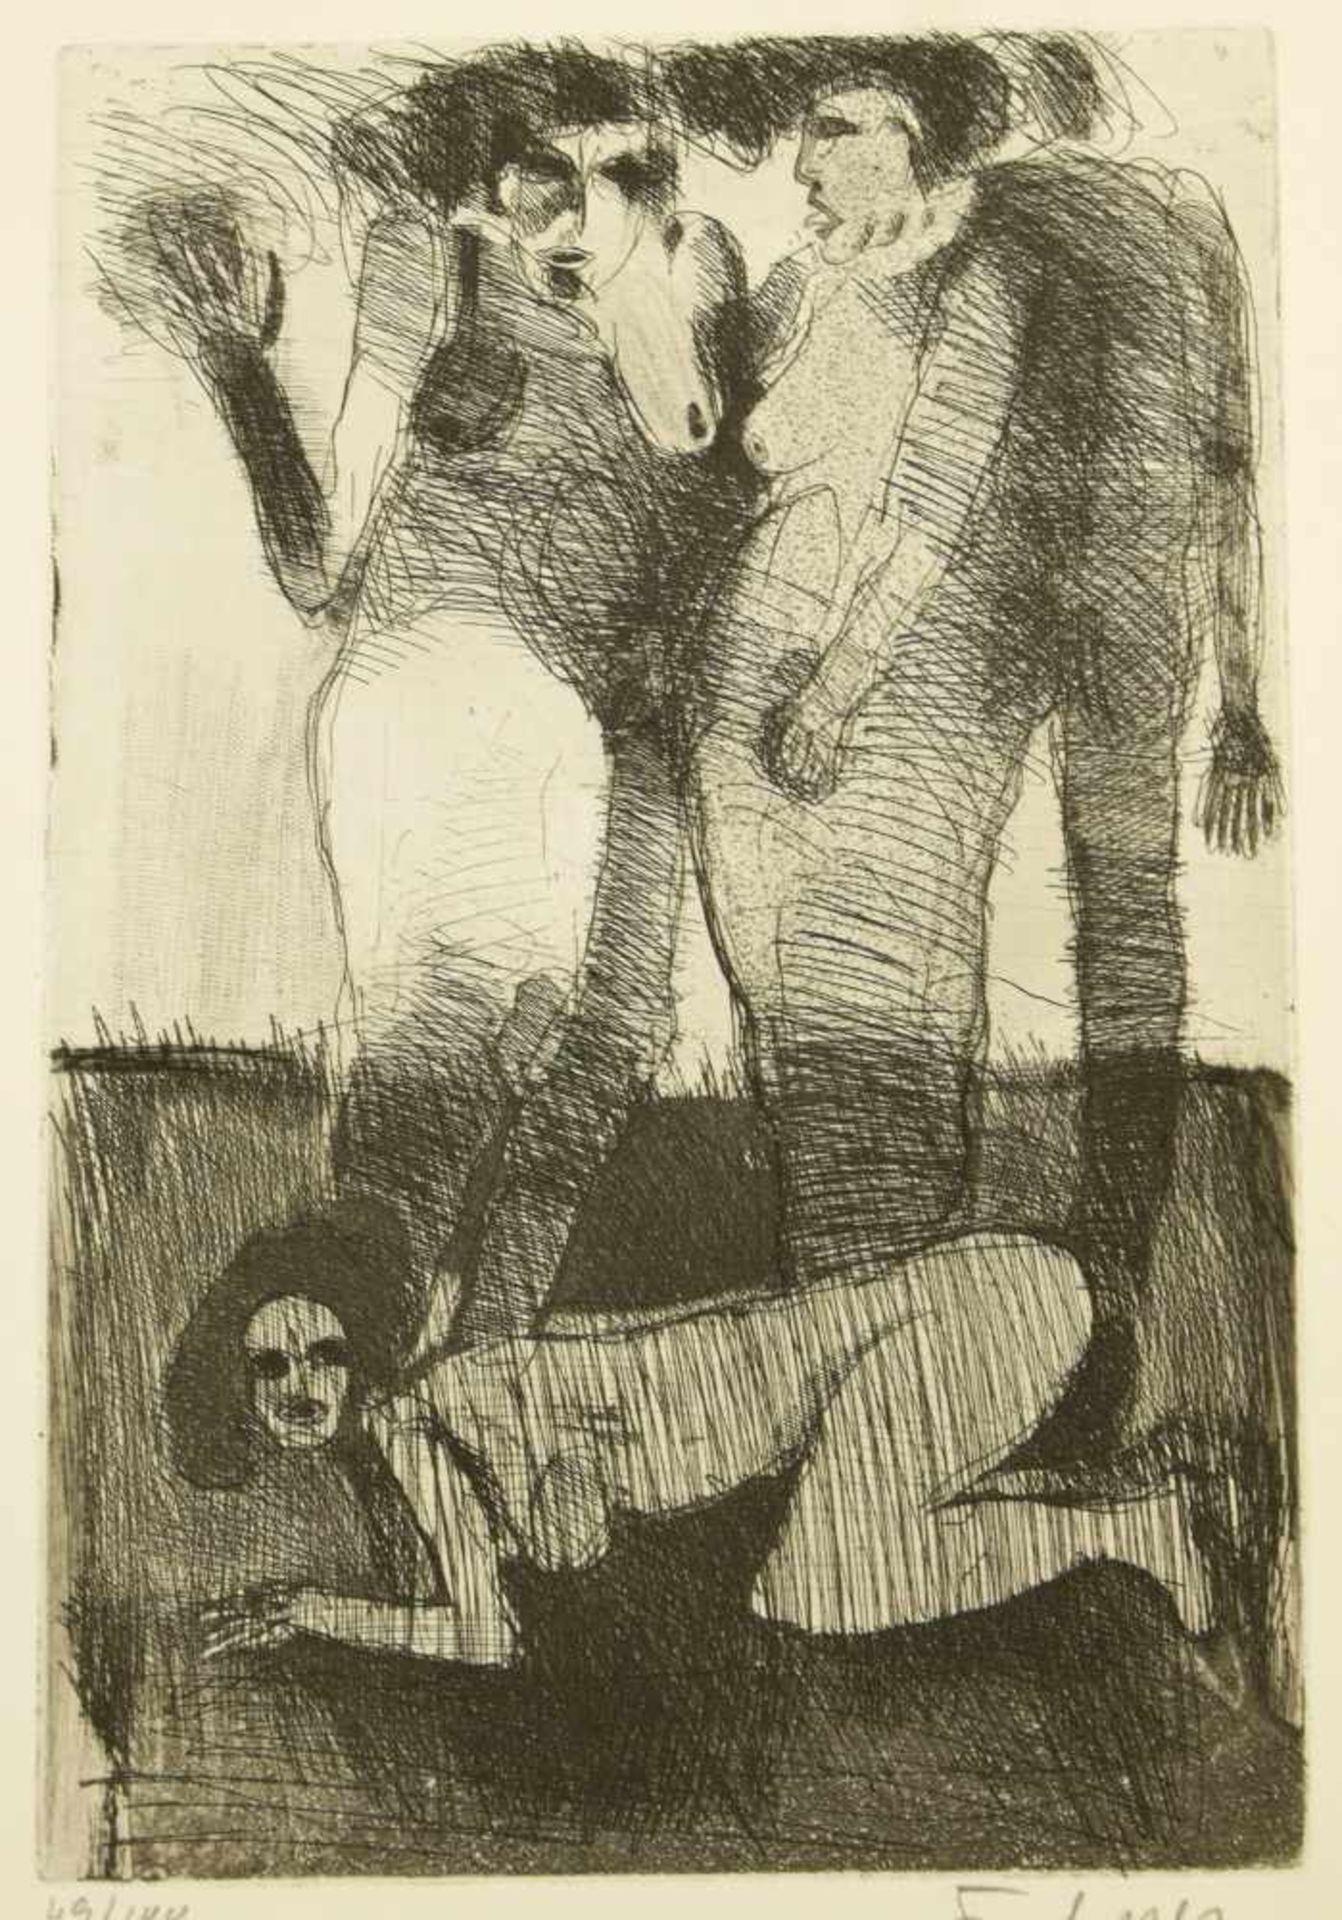 Los 42 - Frohner, Adolf (1934-2007) - Radierung Frauenakte 49/100Ausdrucksstarke Darstellung dreier